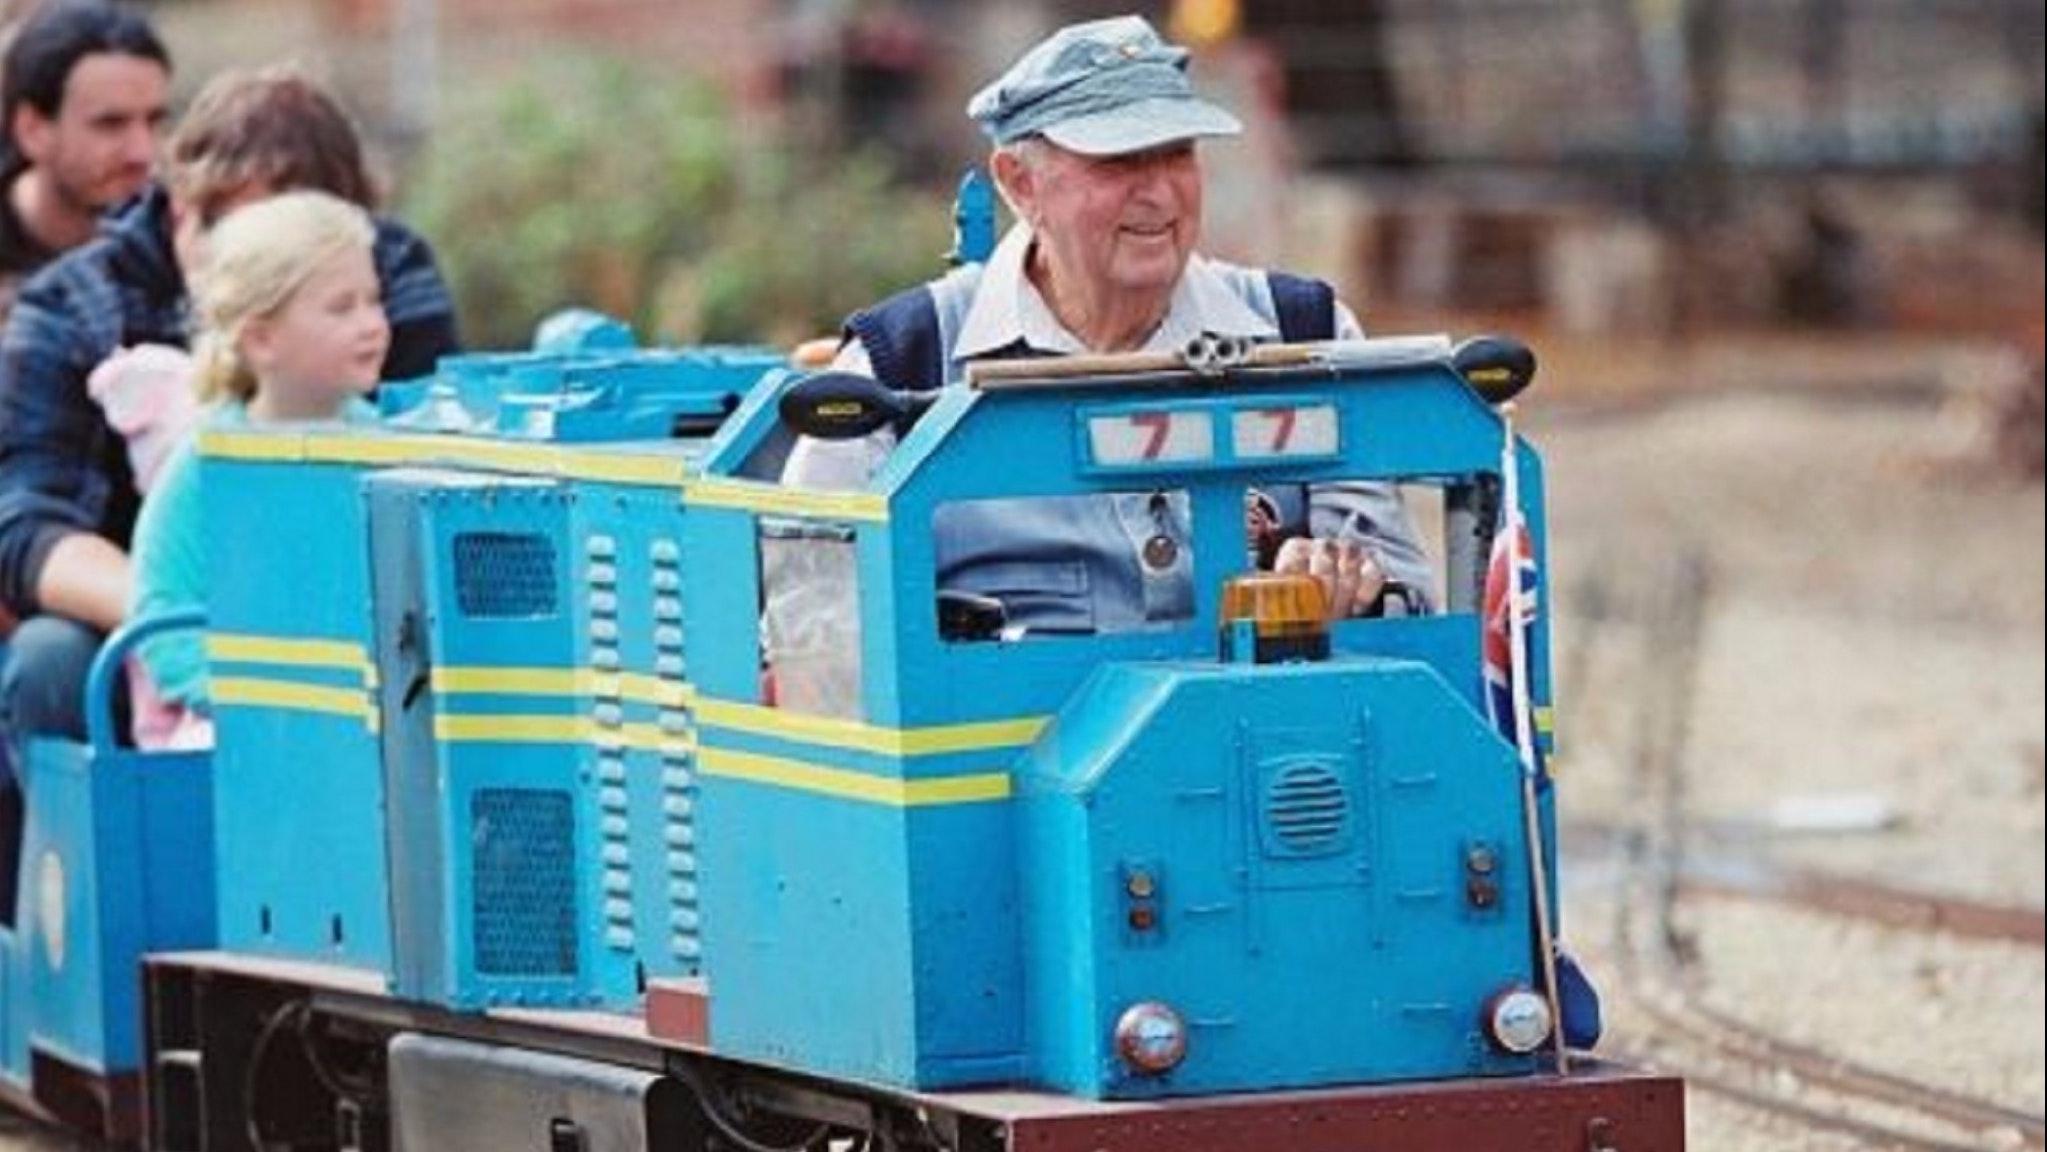 Wodonga Creek Miniature Railway